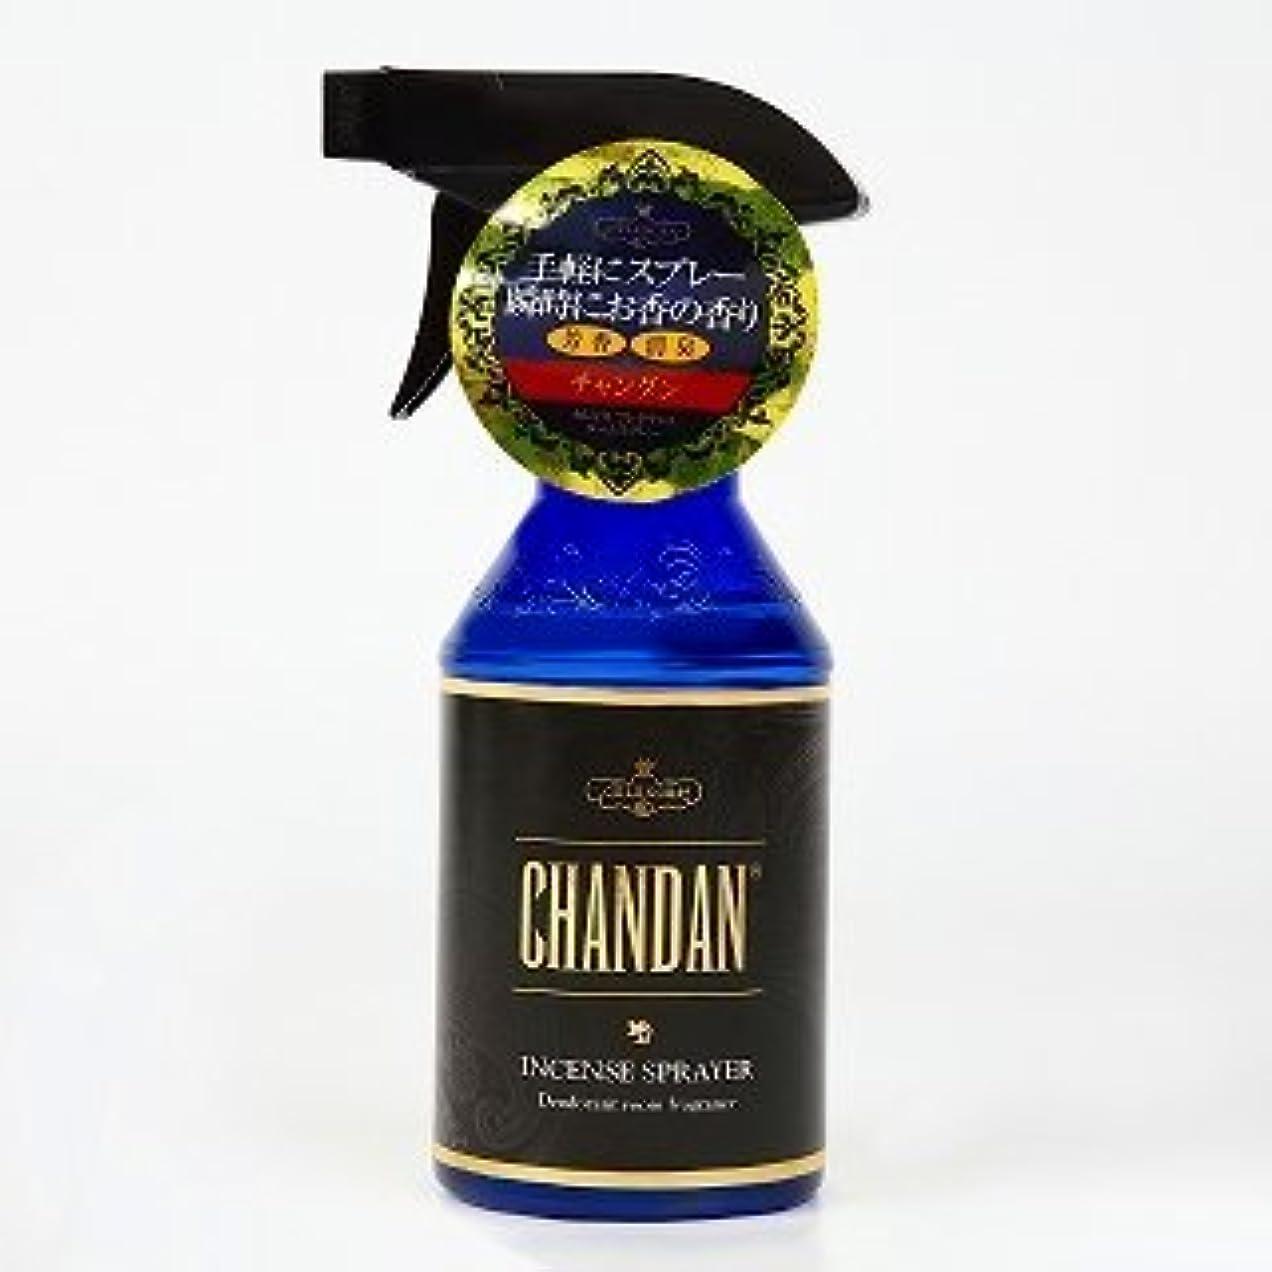 お金蛾オーナーお香の香りの芳香剤 セレンスフレグランスルームスプレー チャンダン